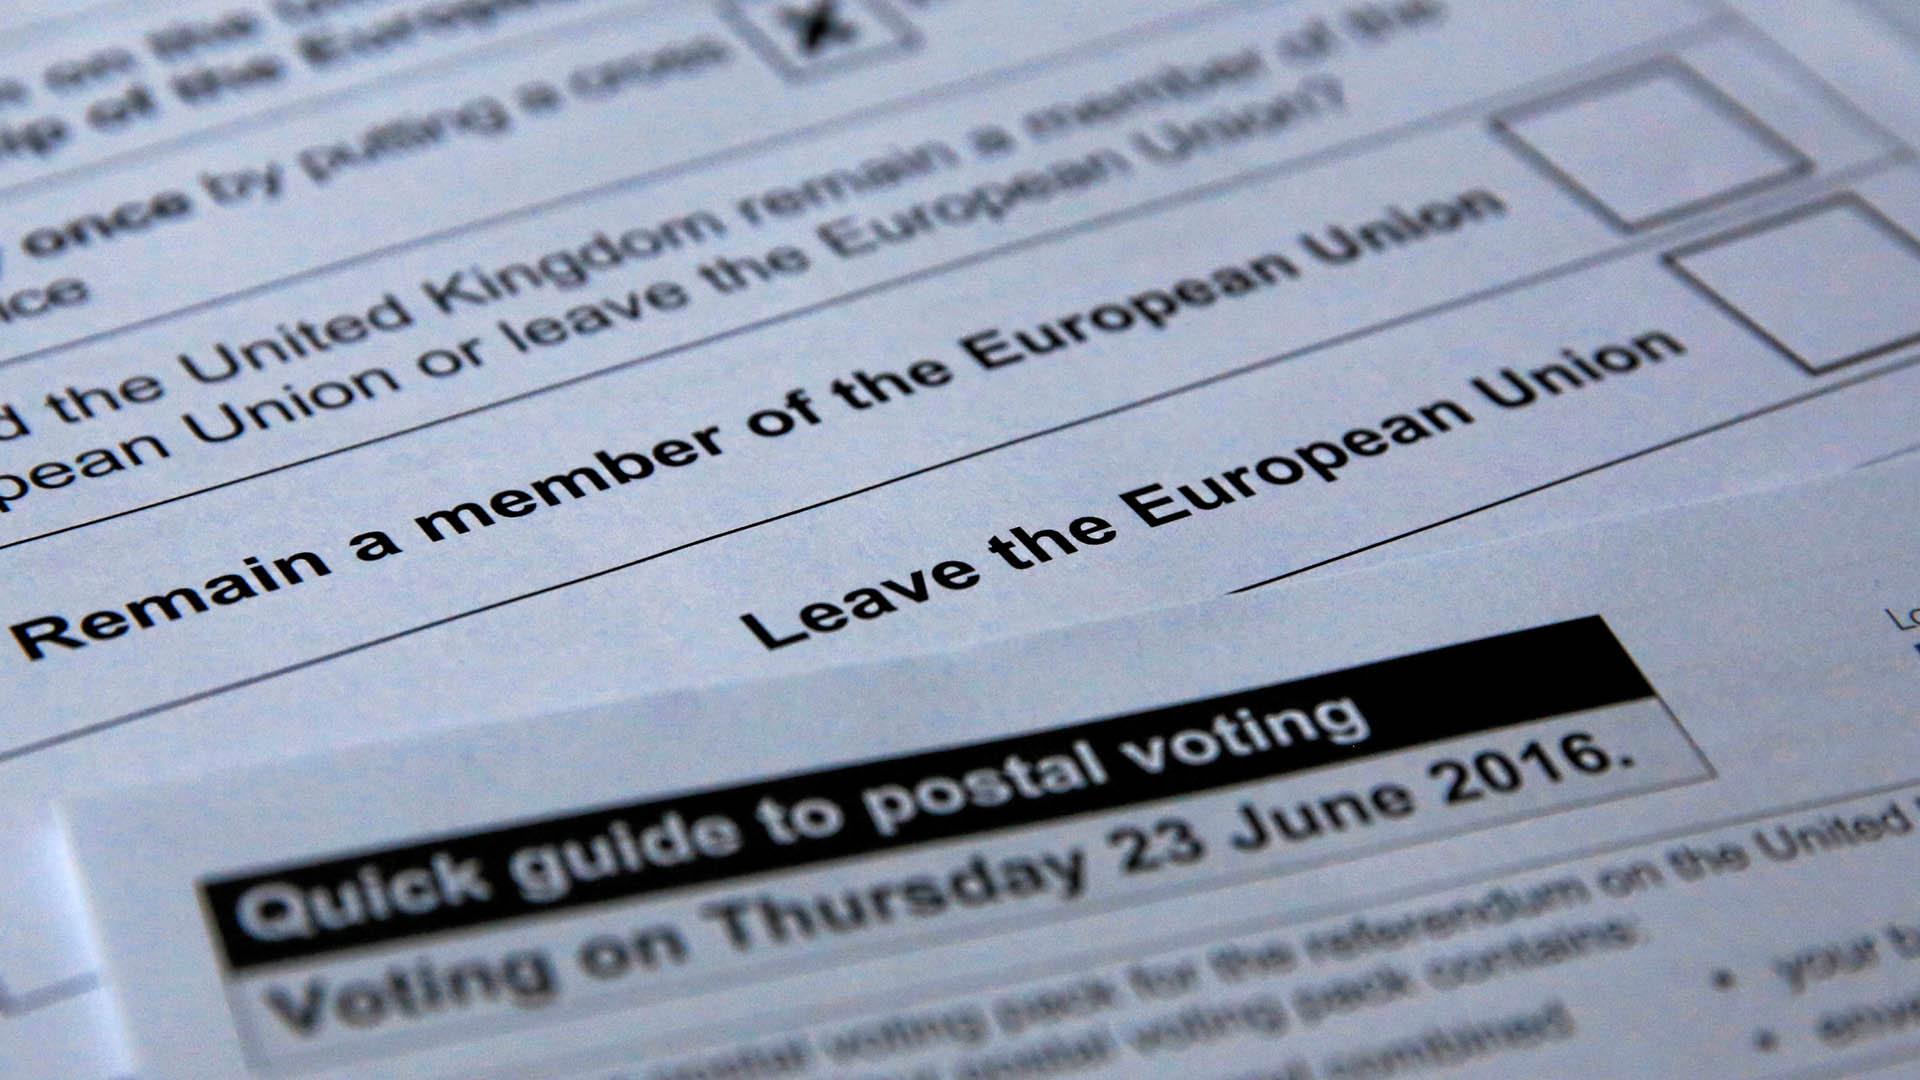 El titular de la cartera de finanzas dijo que la salida del Reino Unido de la Unión Europea sería duro para todos